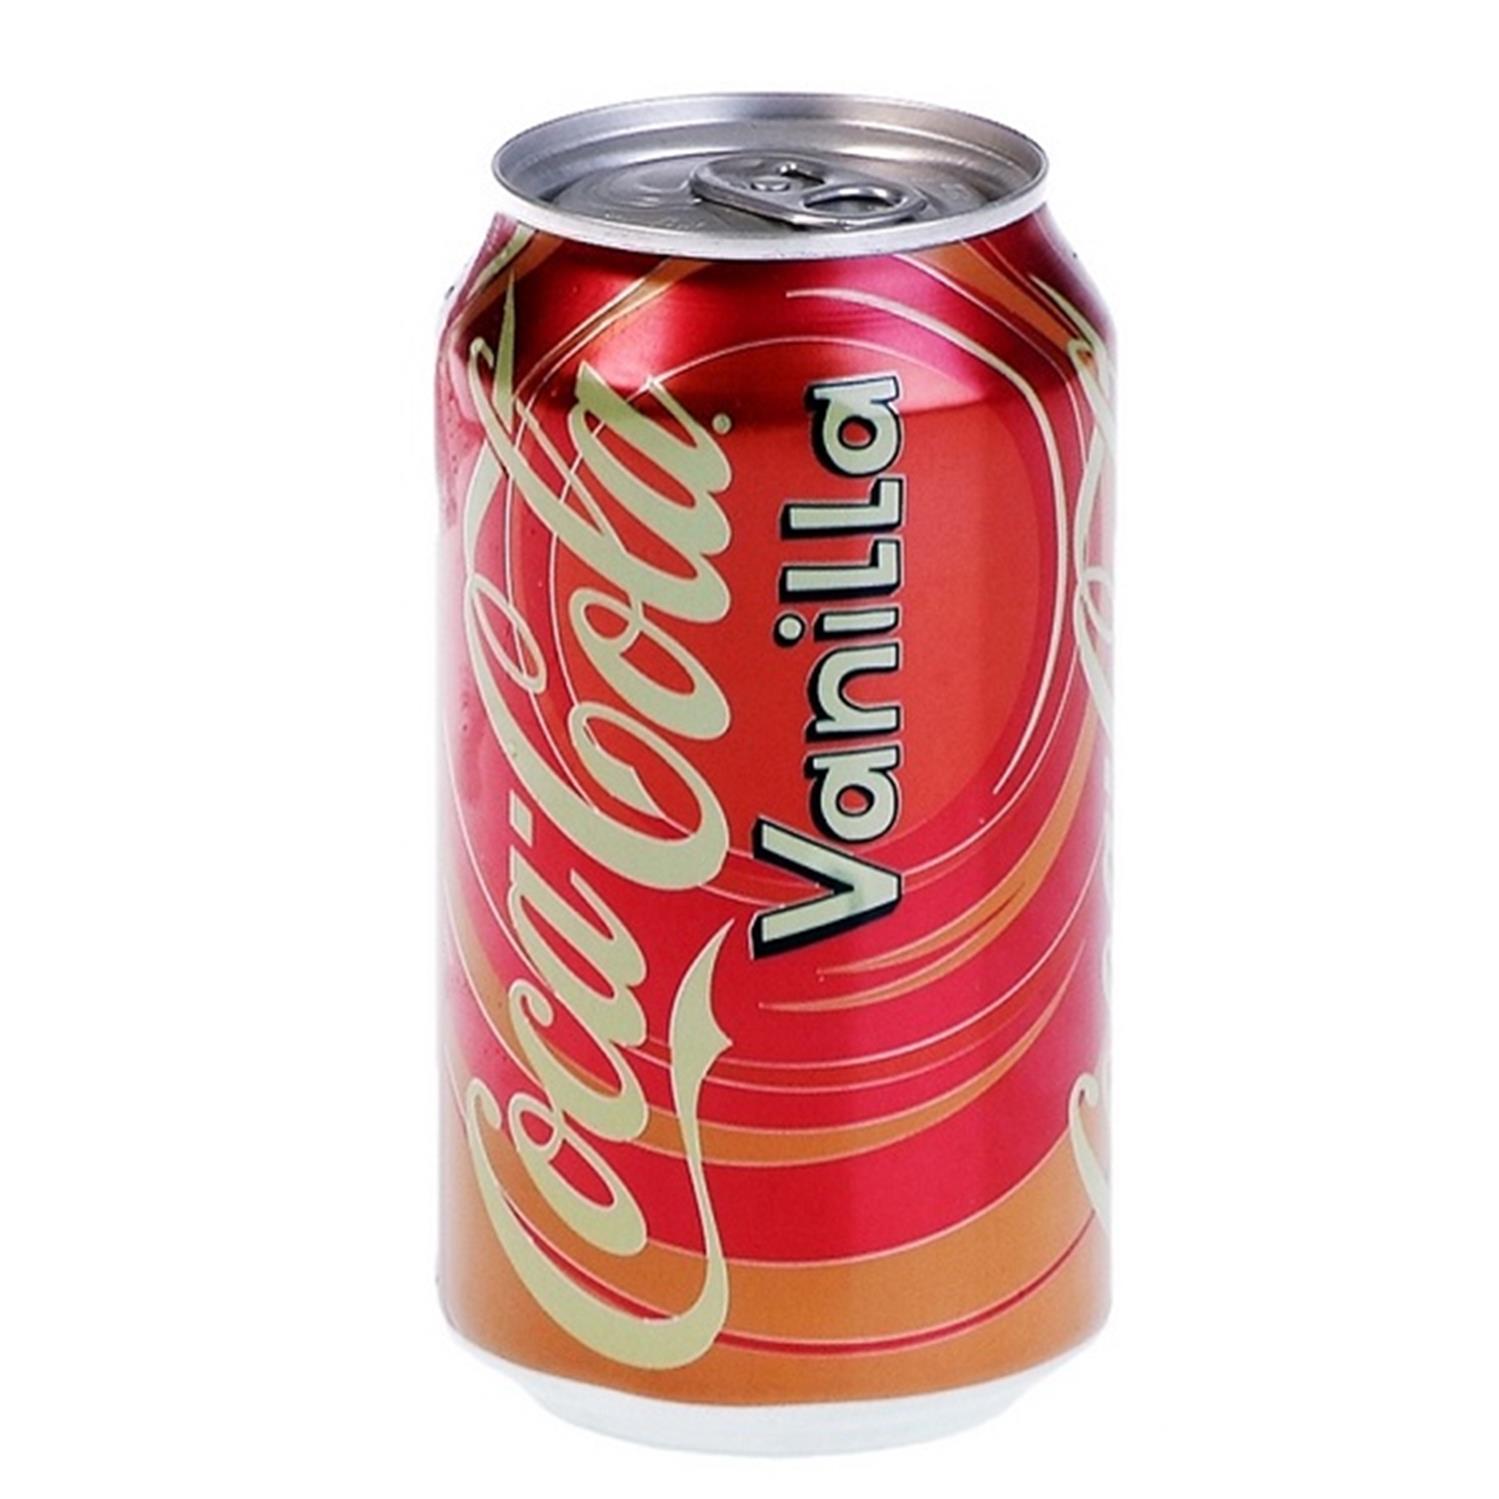 Refresco de cola Coca Cola sabor vanilla lata 35,5 cl.